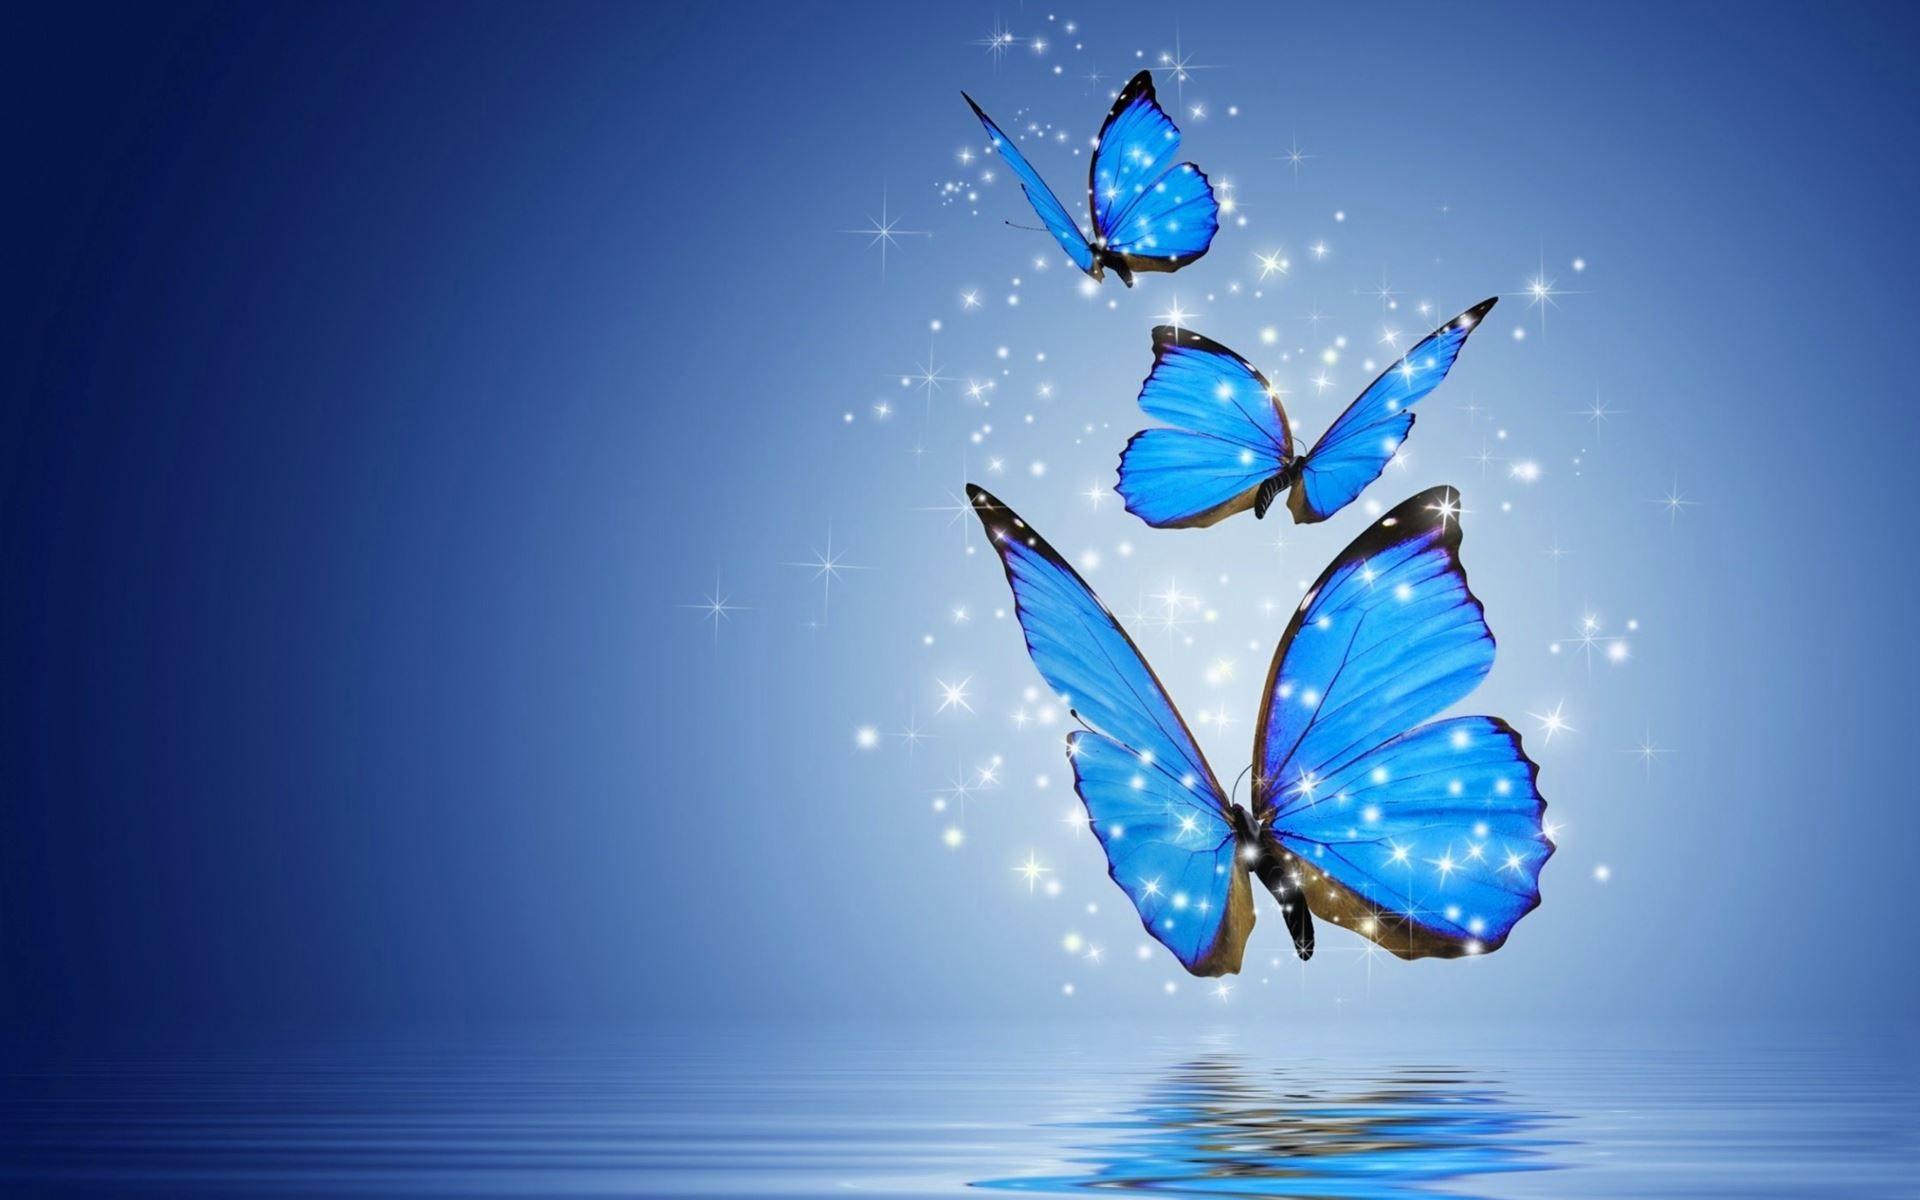 Mavi kelebek – Bölüm 17